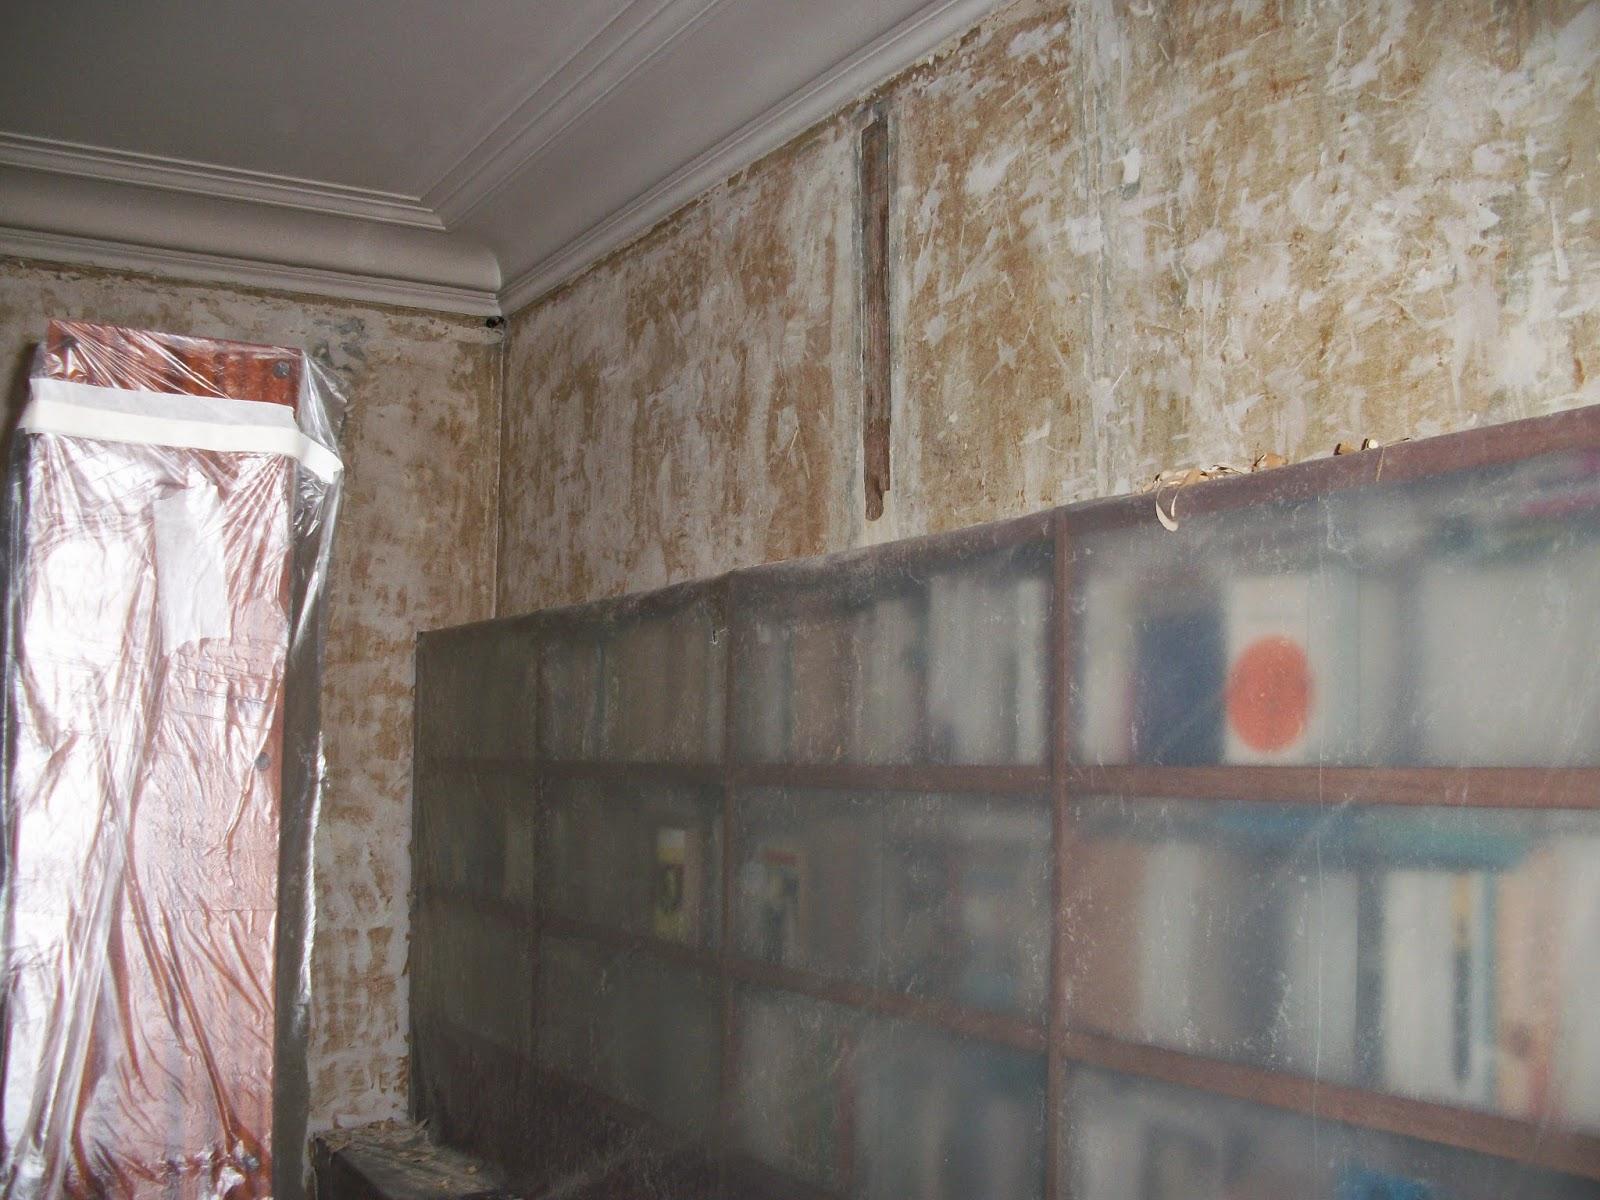 luminaire salle de bain en ligne pessac renover une vieille maison par ou commencer soci t ojuwvm. Black Bedroom Furniture Sets. Home Design Ideas